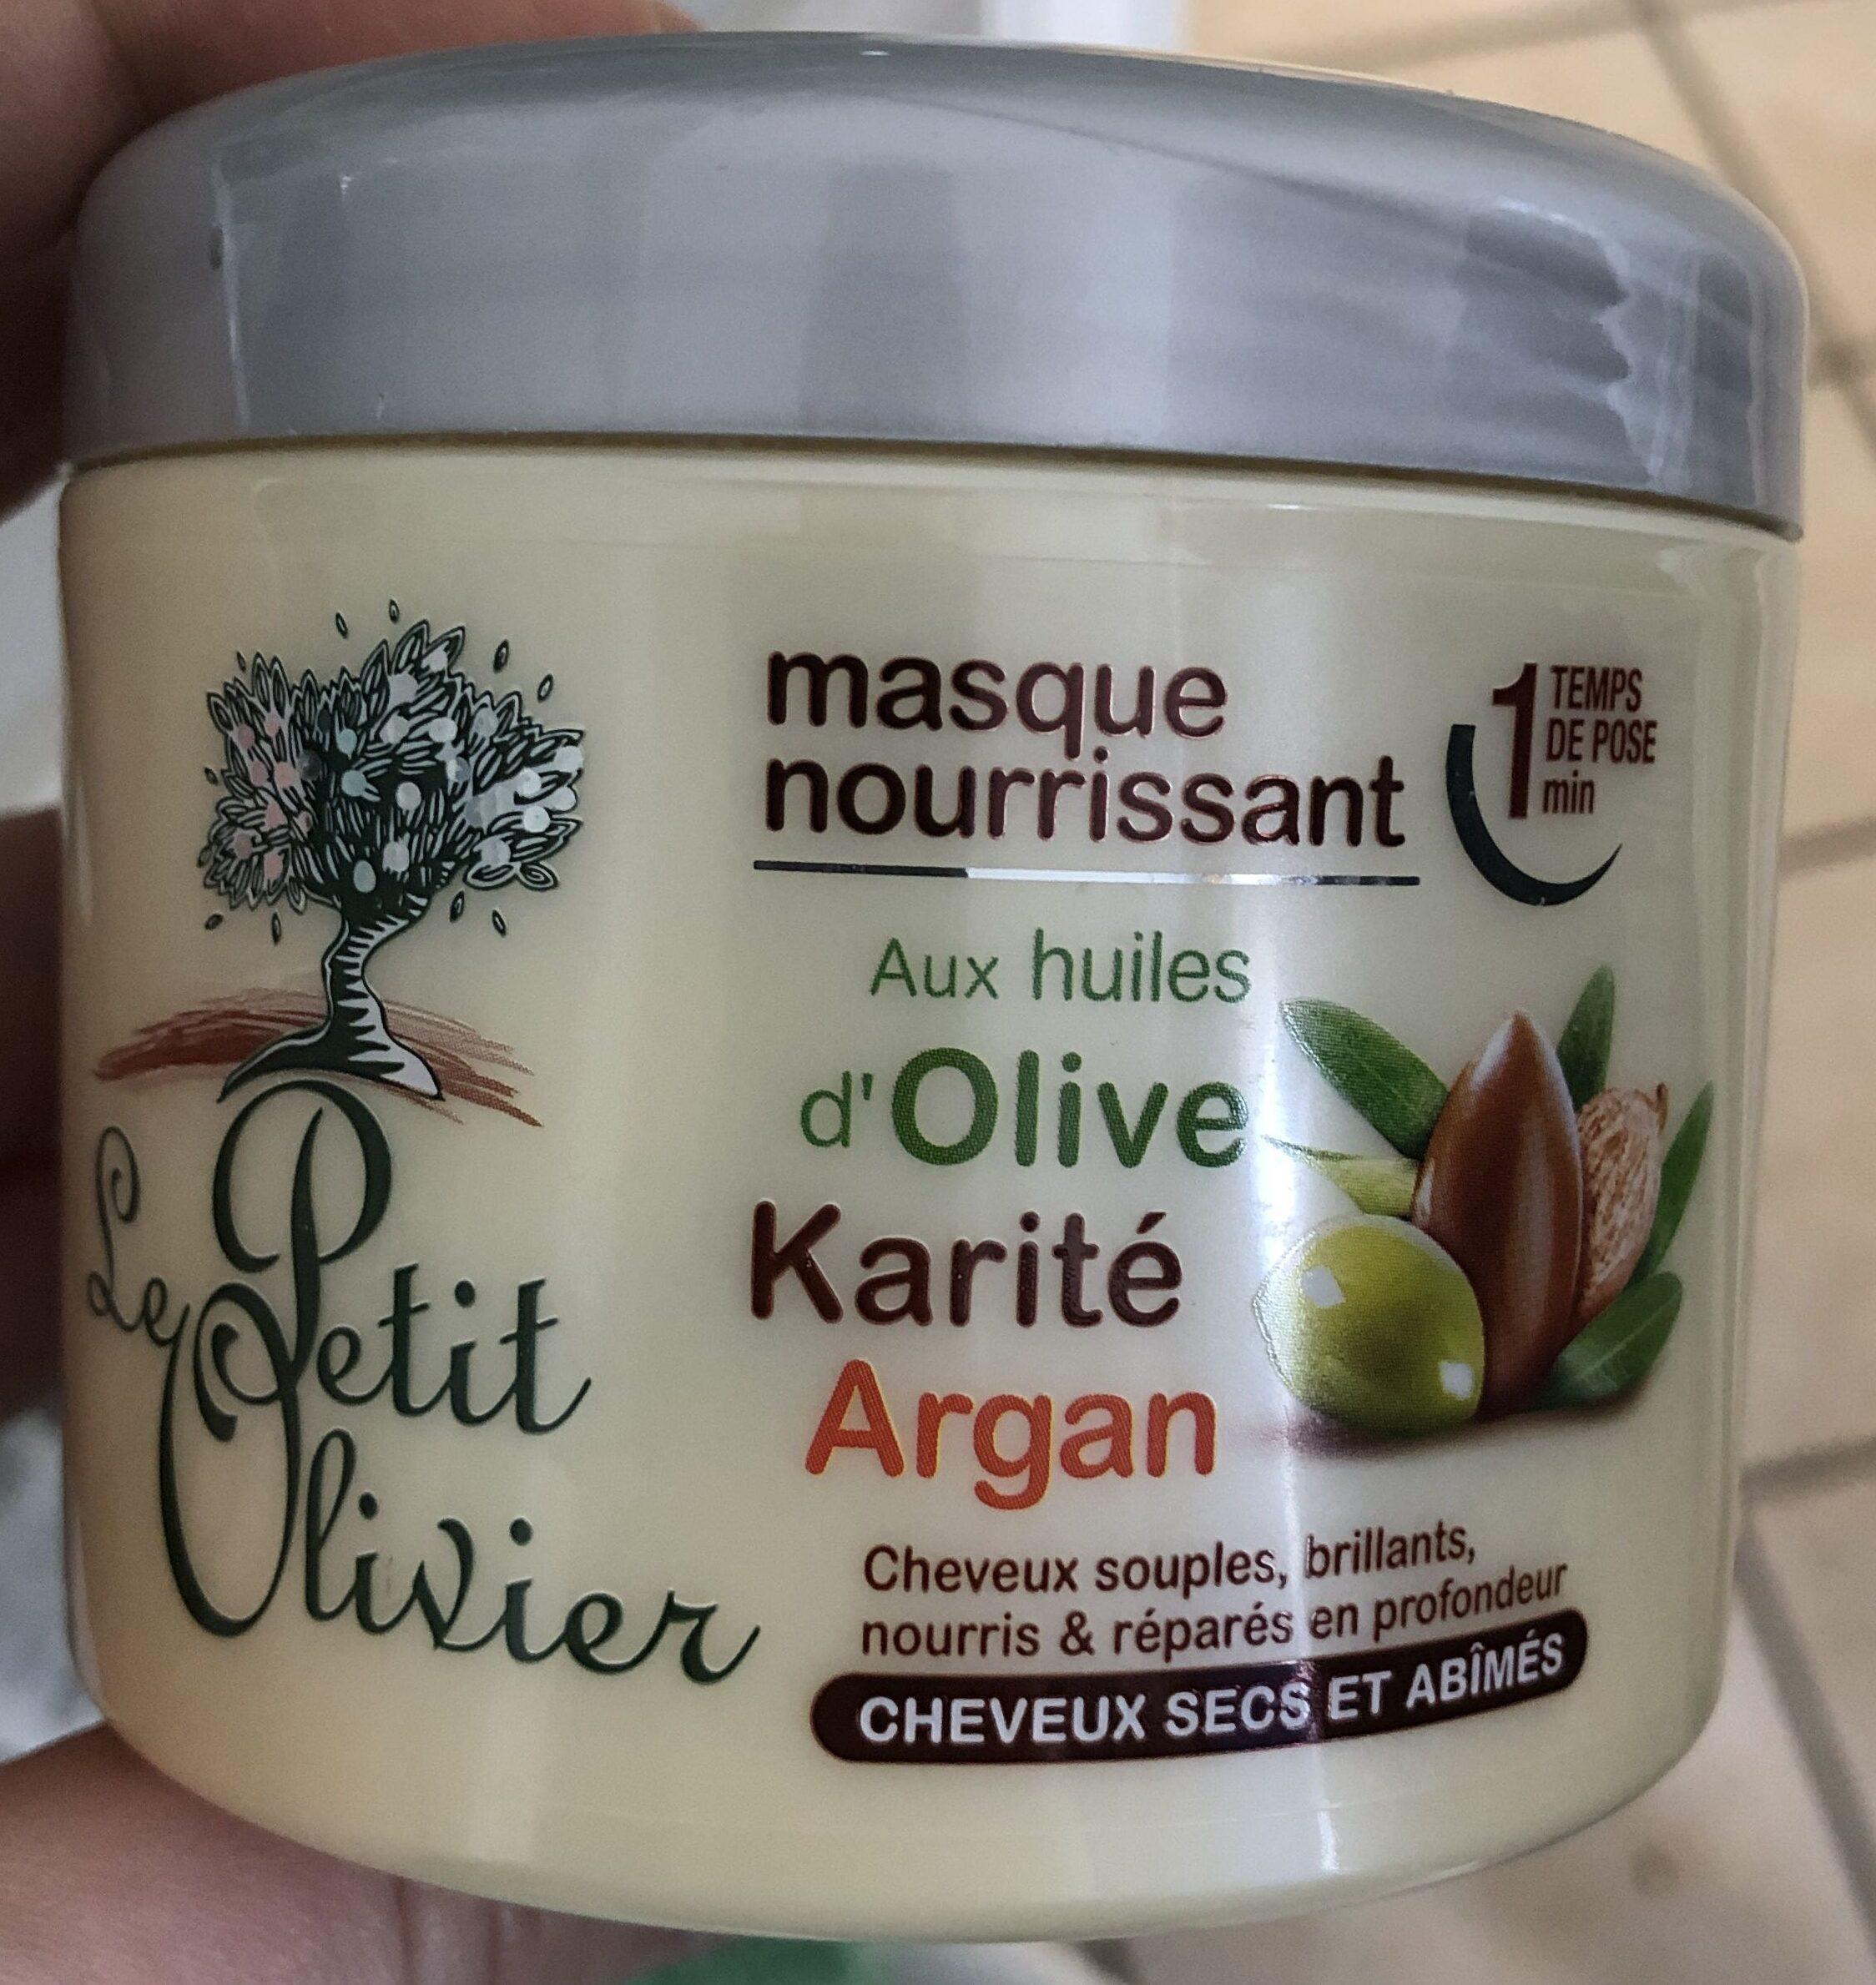 Masque nourrissant aux huiles d'olive, karité, argan - Product - fr